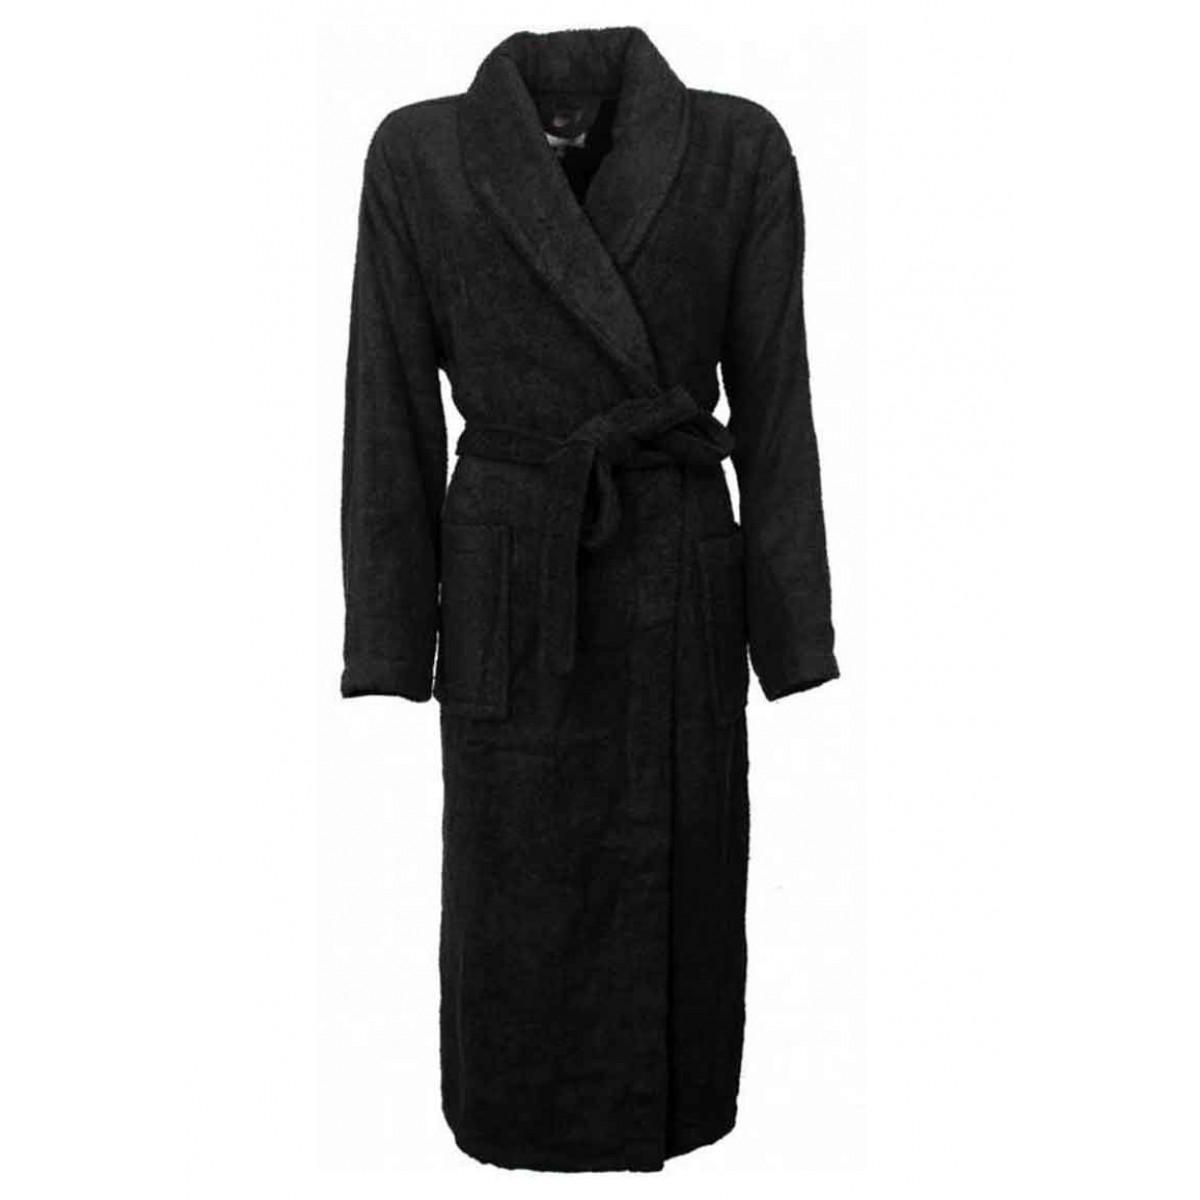 Zwarte badjas - Never enough sleep